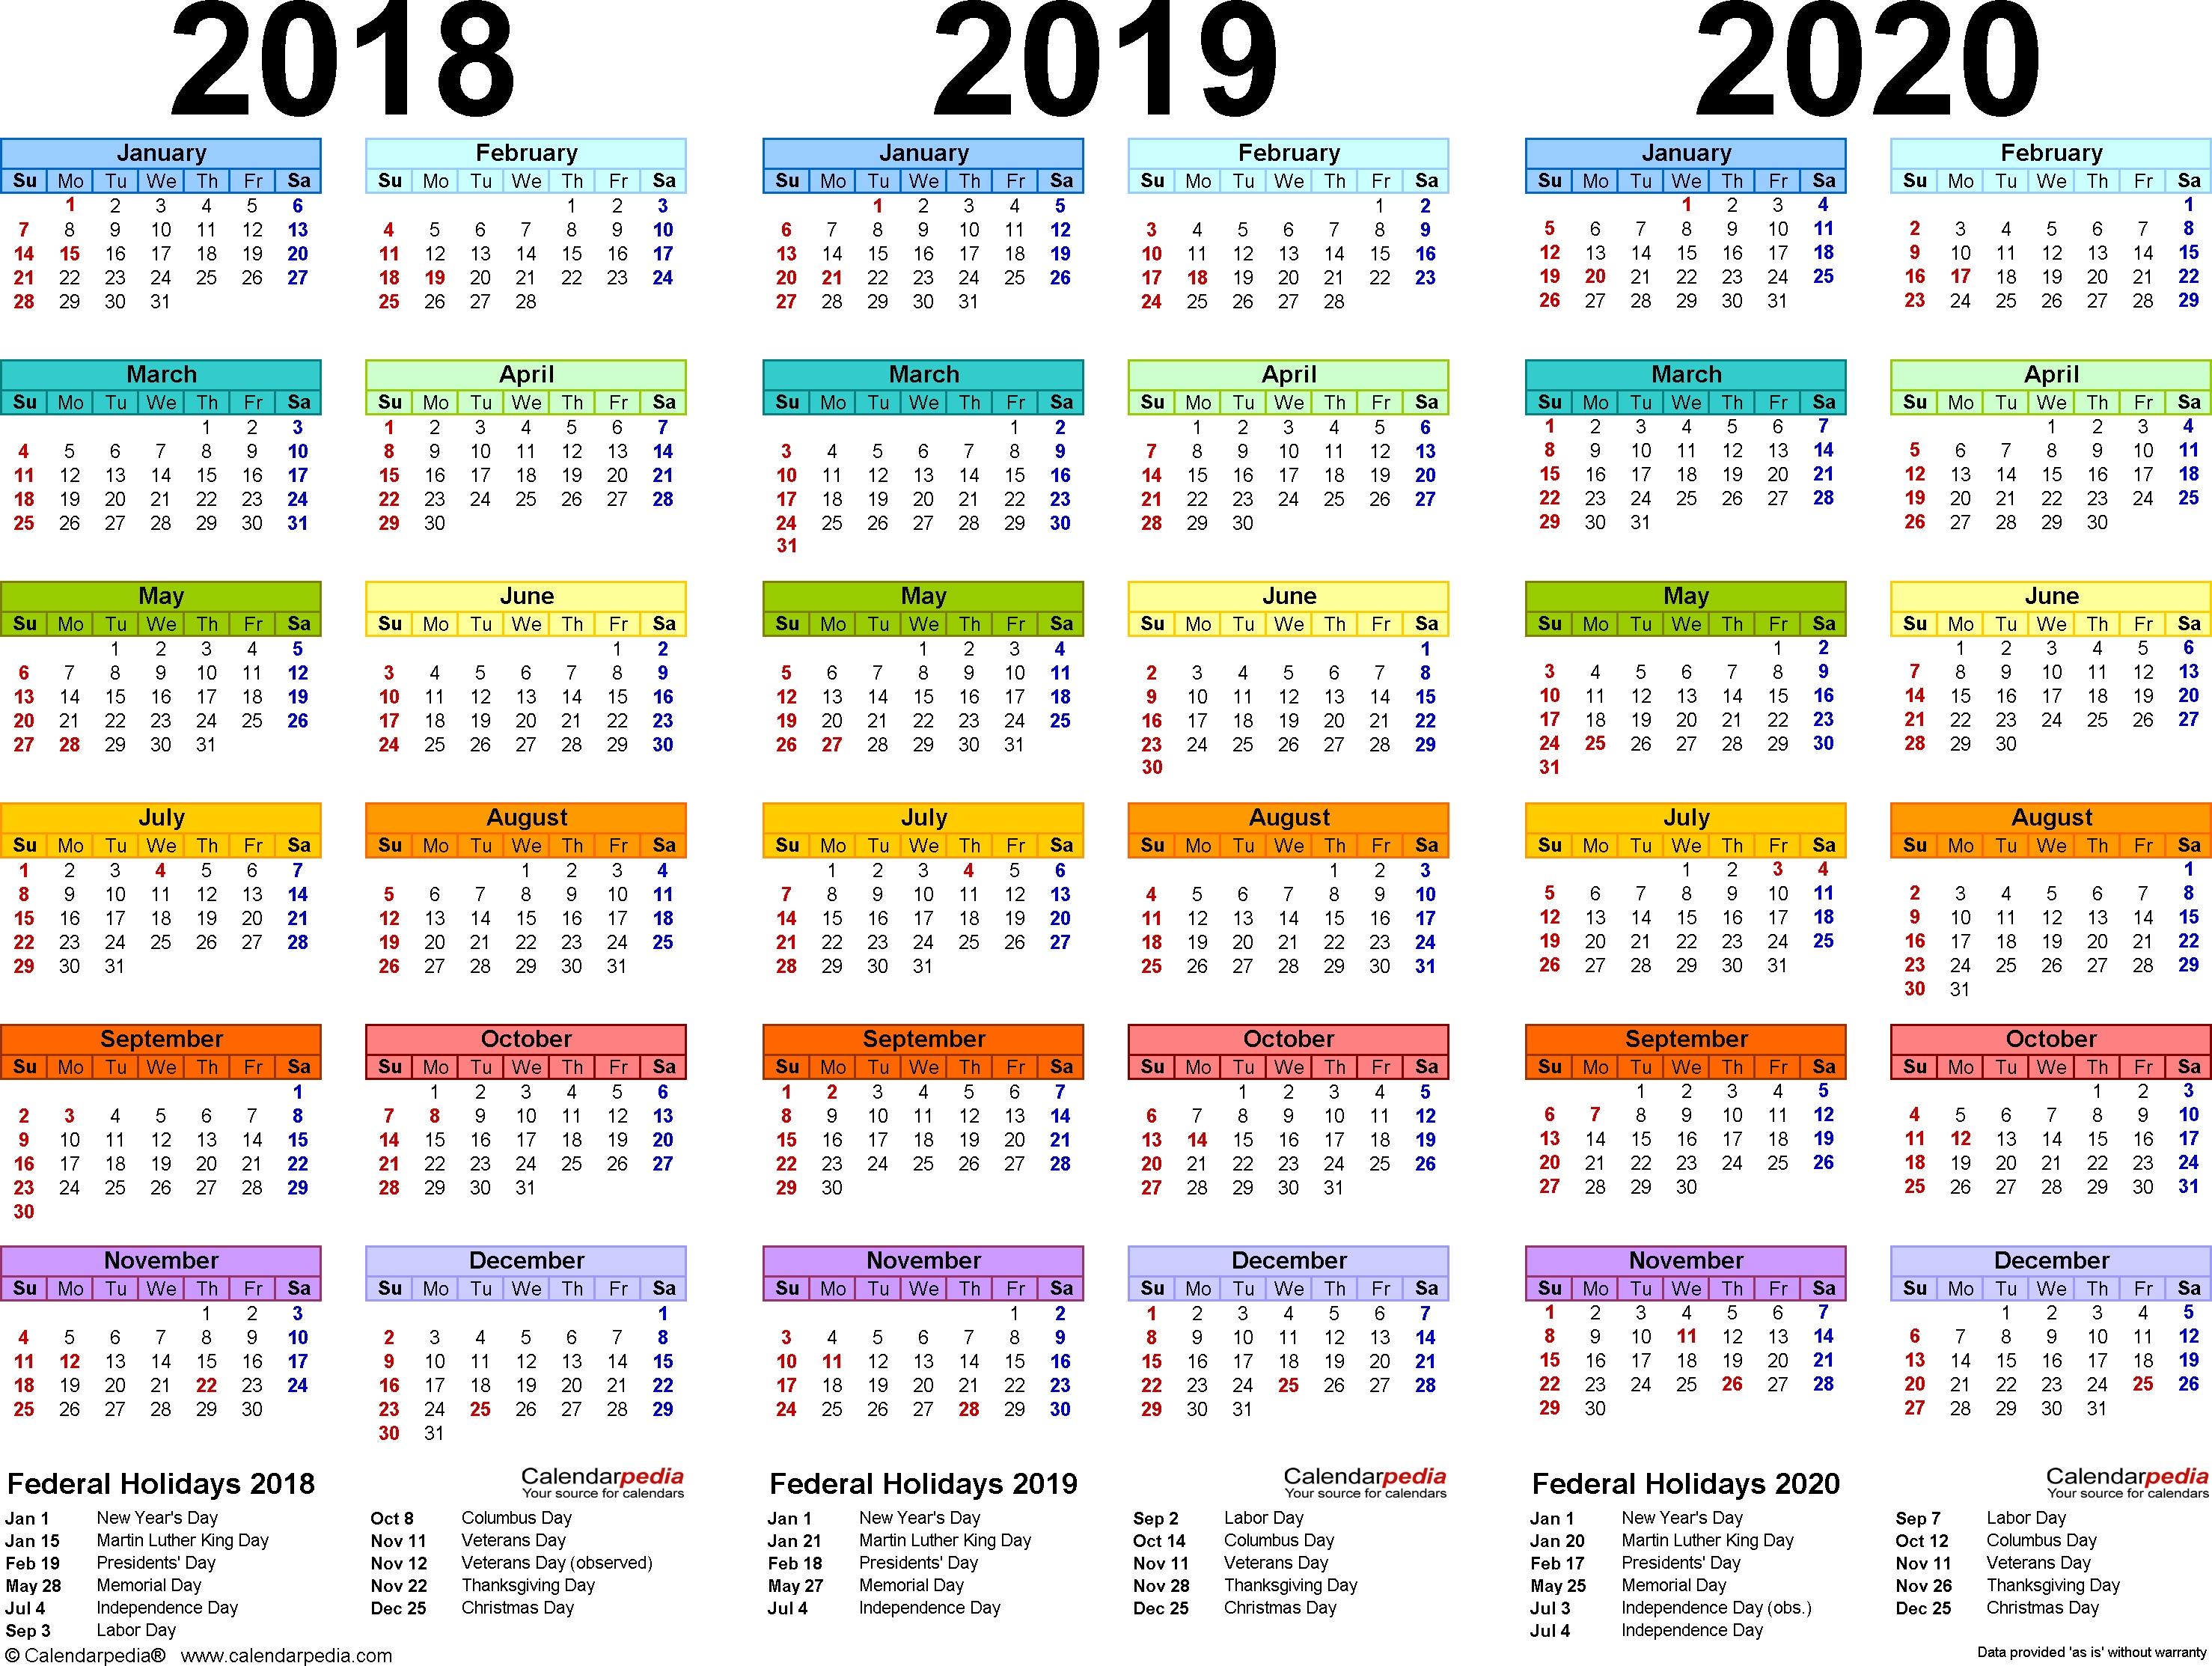 Malayalam Calendar 2020 Top 10 Punto Medio Noticias | 2020 Malayalam Calendar With Holidays